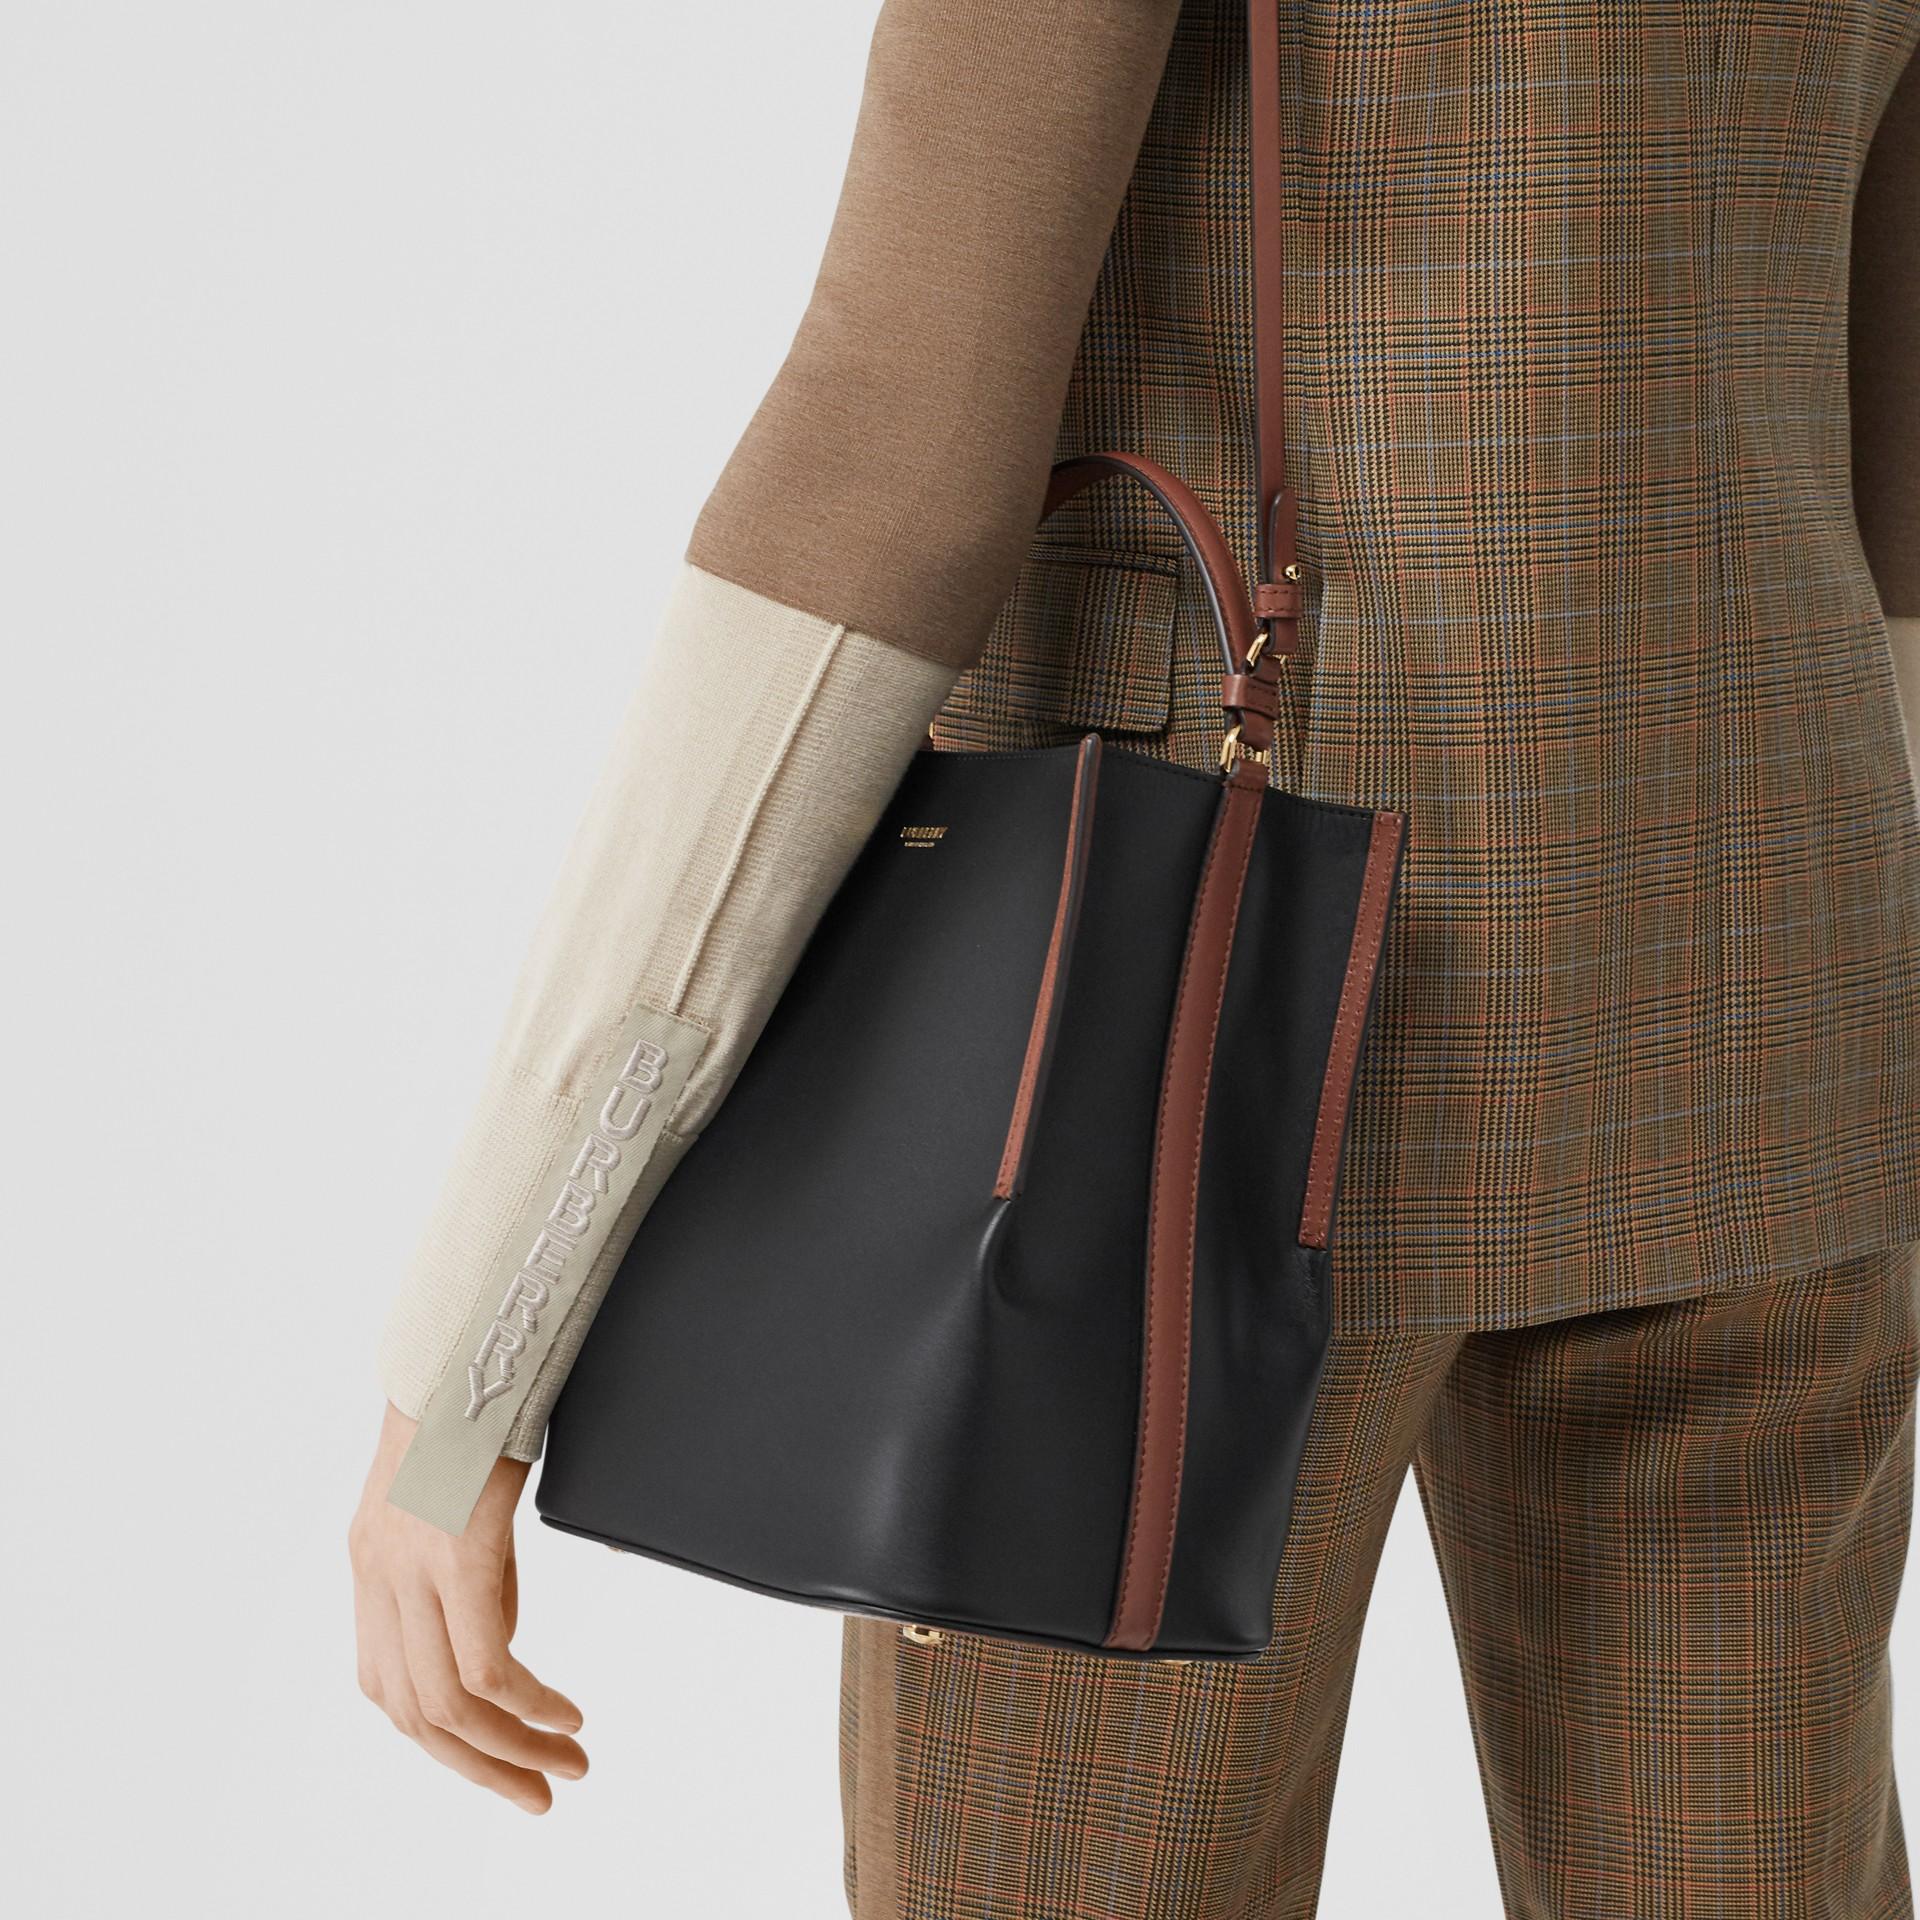 스몰 투톤 레더 페기 버킷 백 (블랙) - 여성 | Burberry - 갤러리 이미지 9